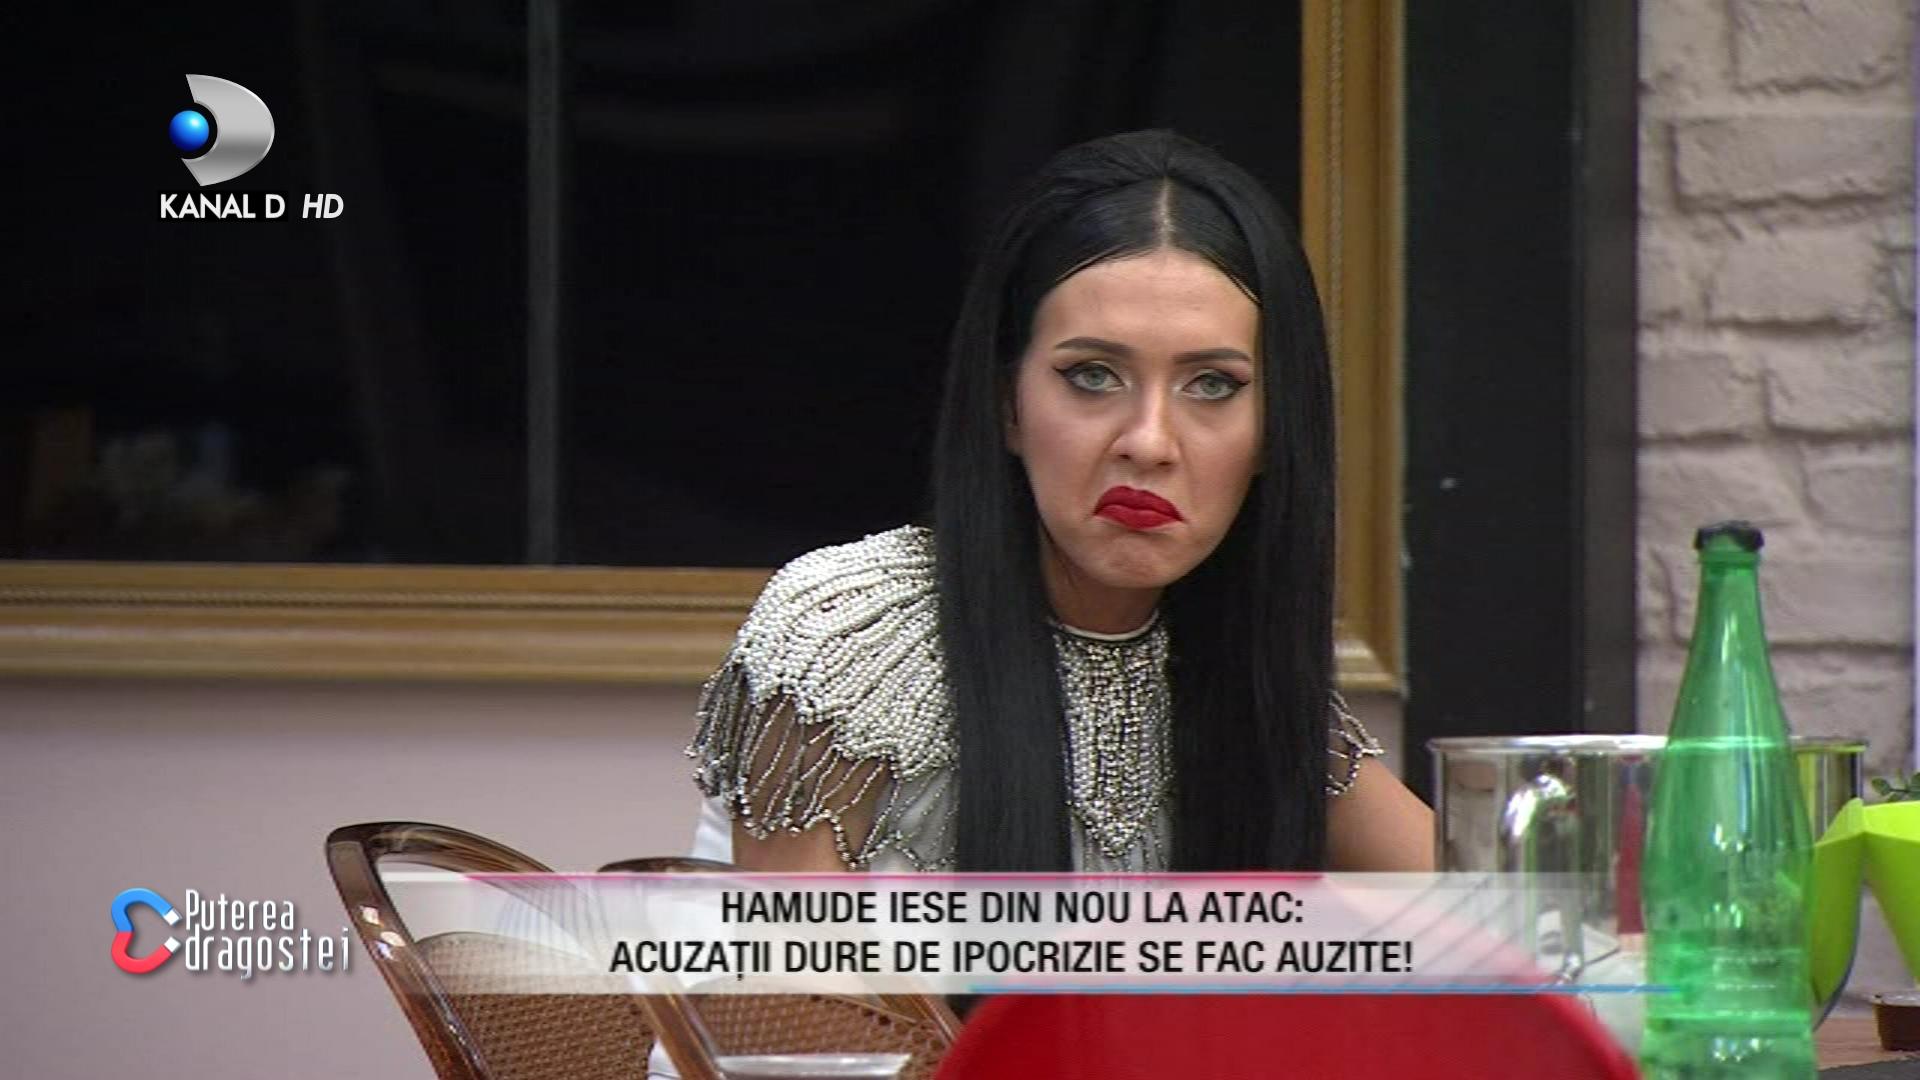 Hamude iese la atac! Ce a putut sa spuna despre Bianca: ''O pupati in c** incontinuu cand niciunul nu o...''